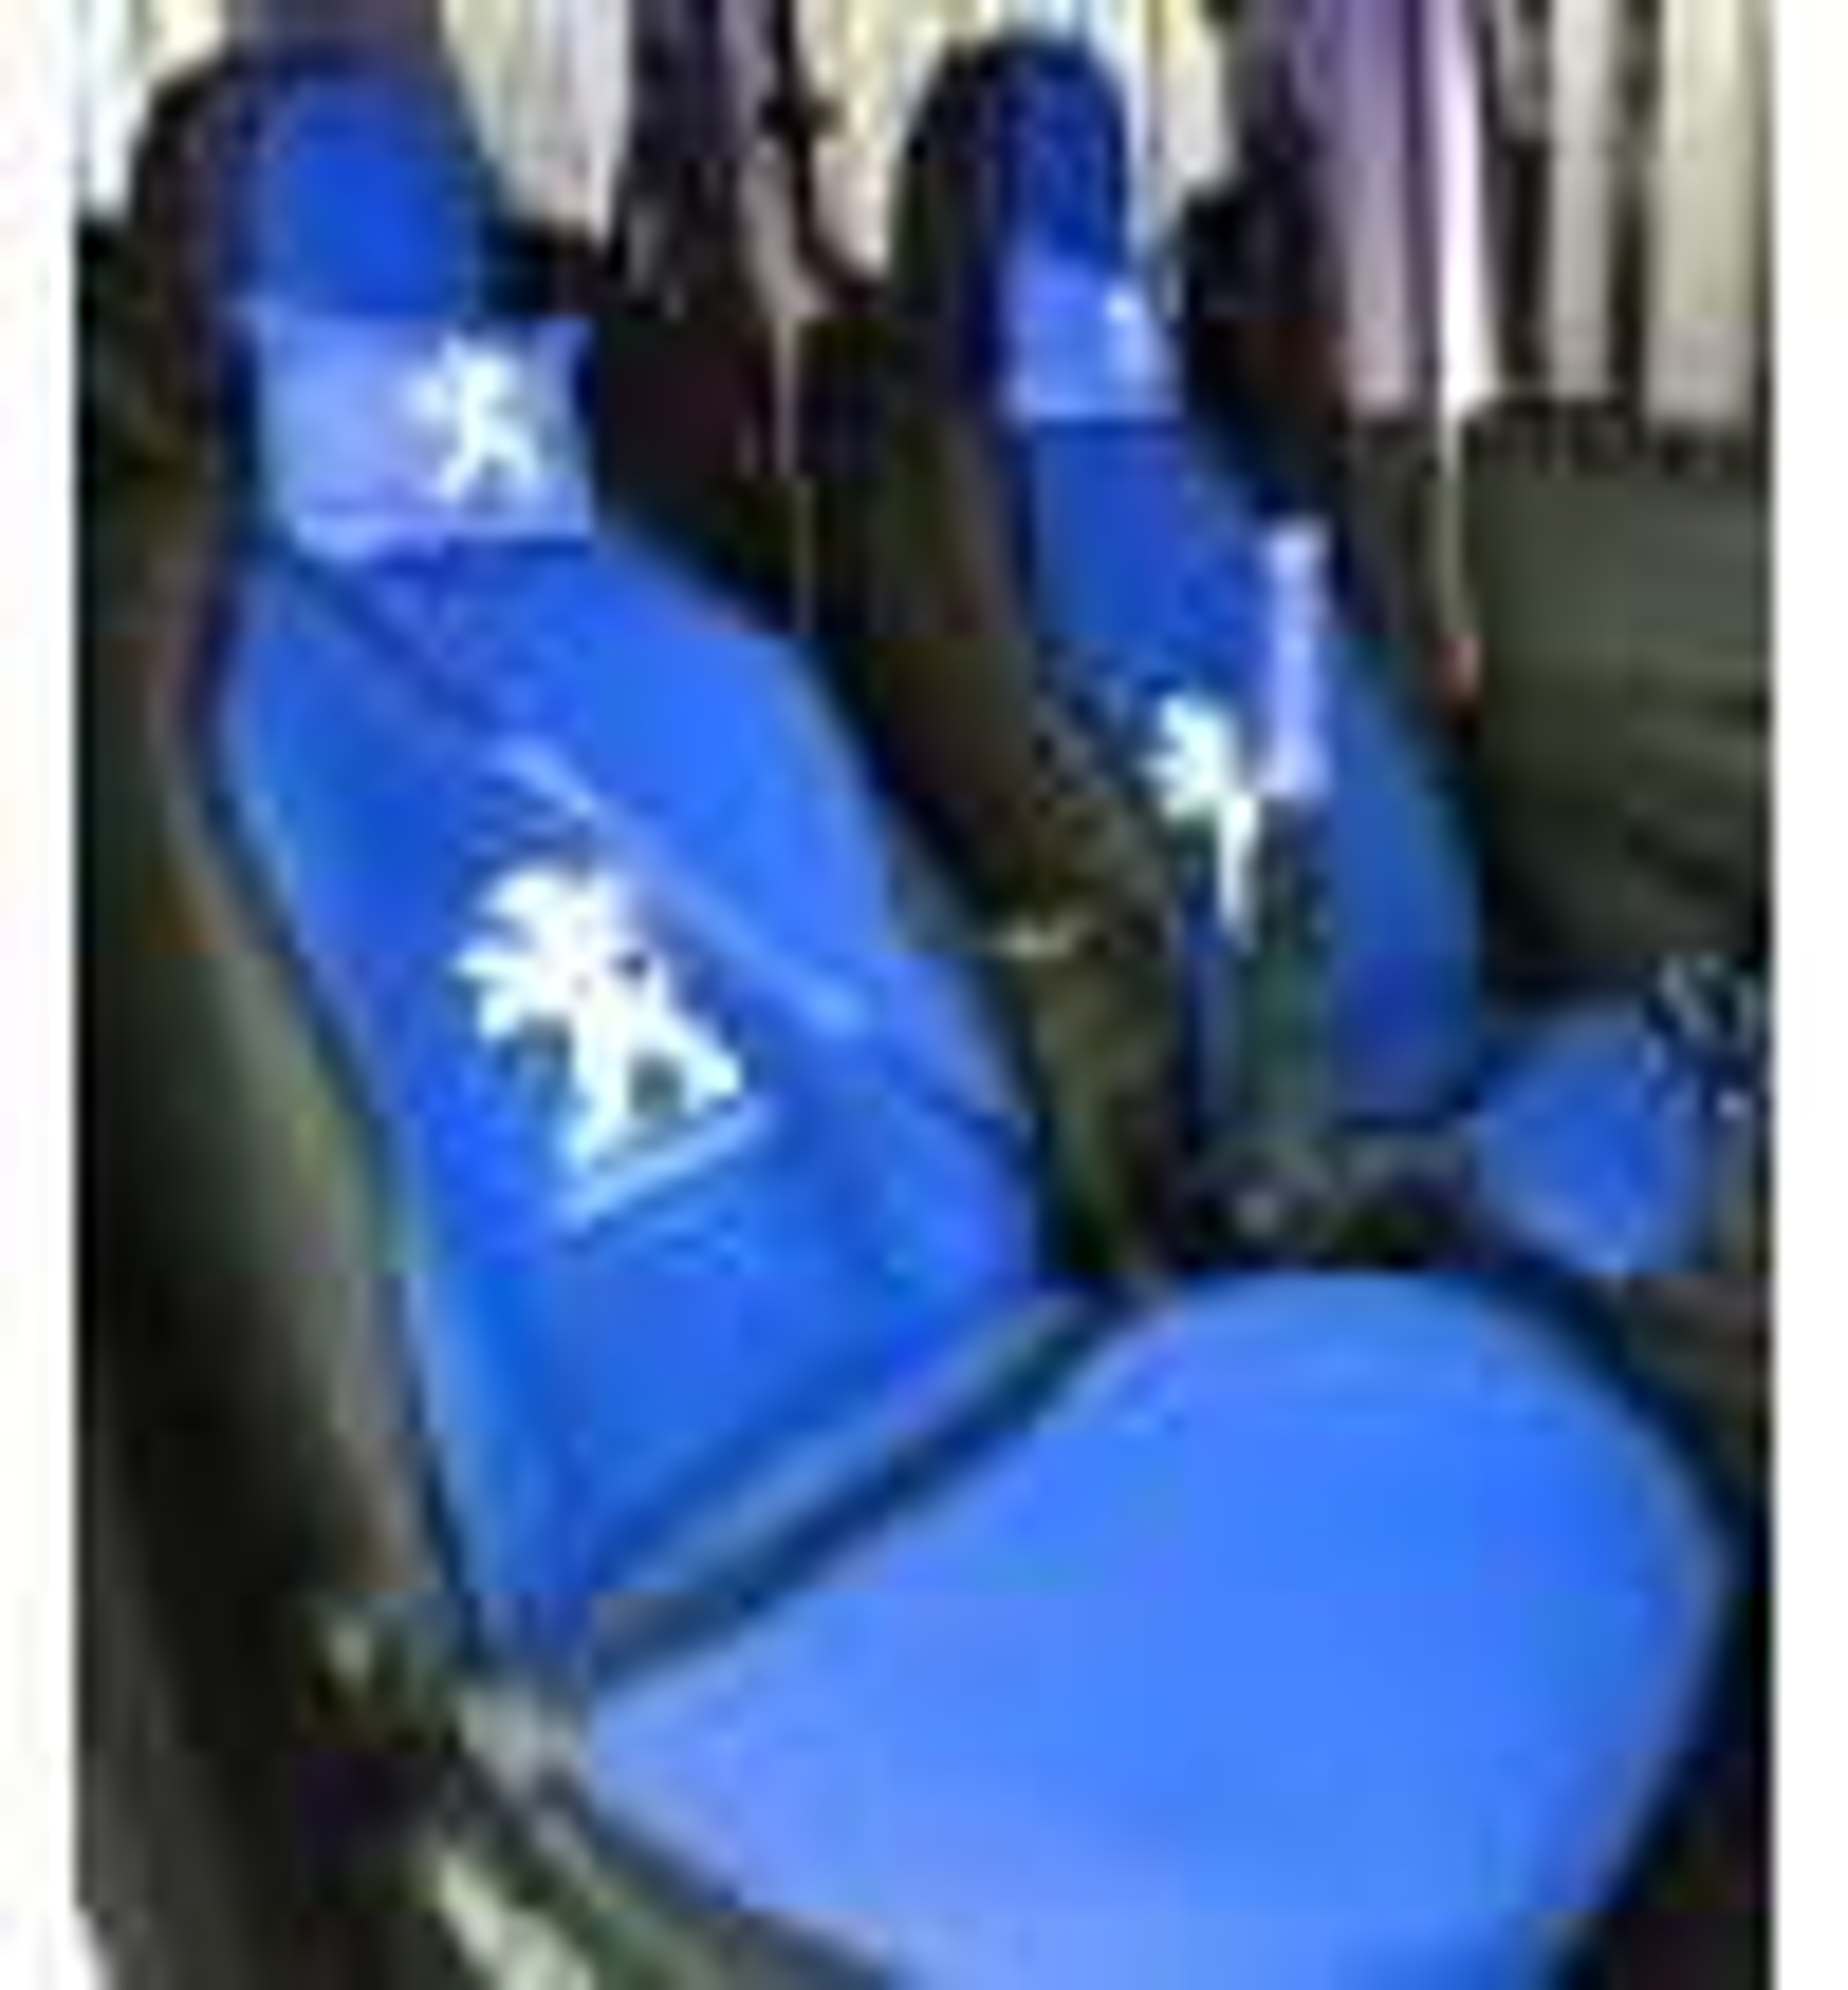 Peugeot Uyumlu Terletmez Oto Koltuk Minderi Ve Yastık Seti